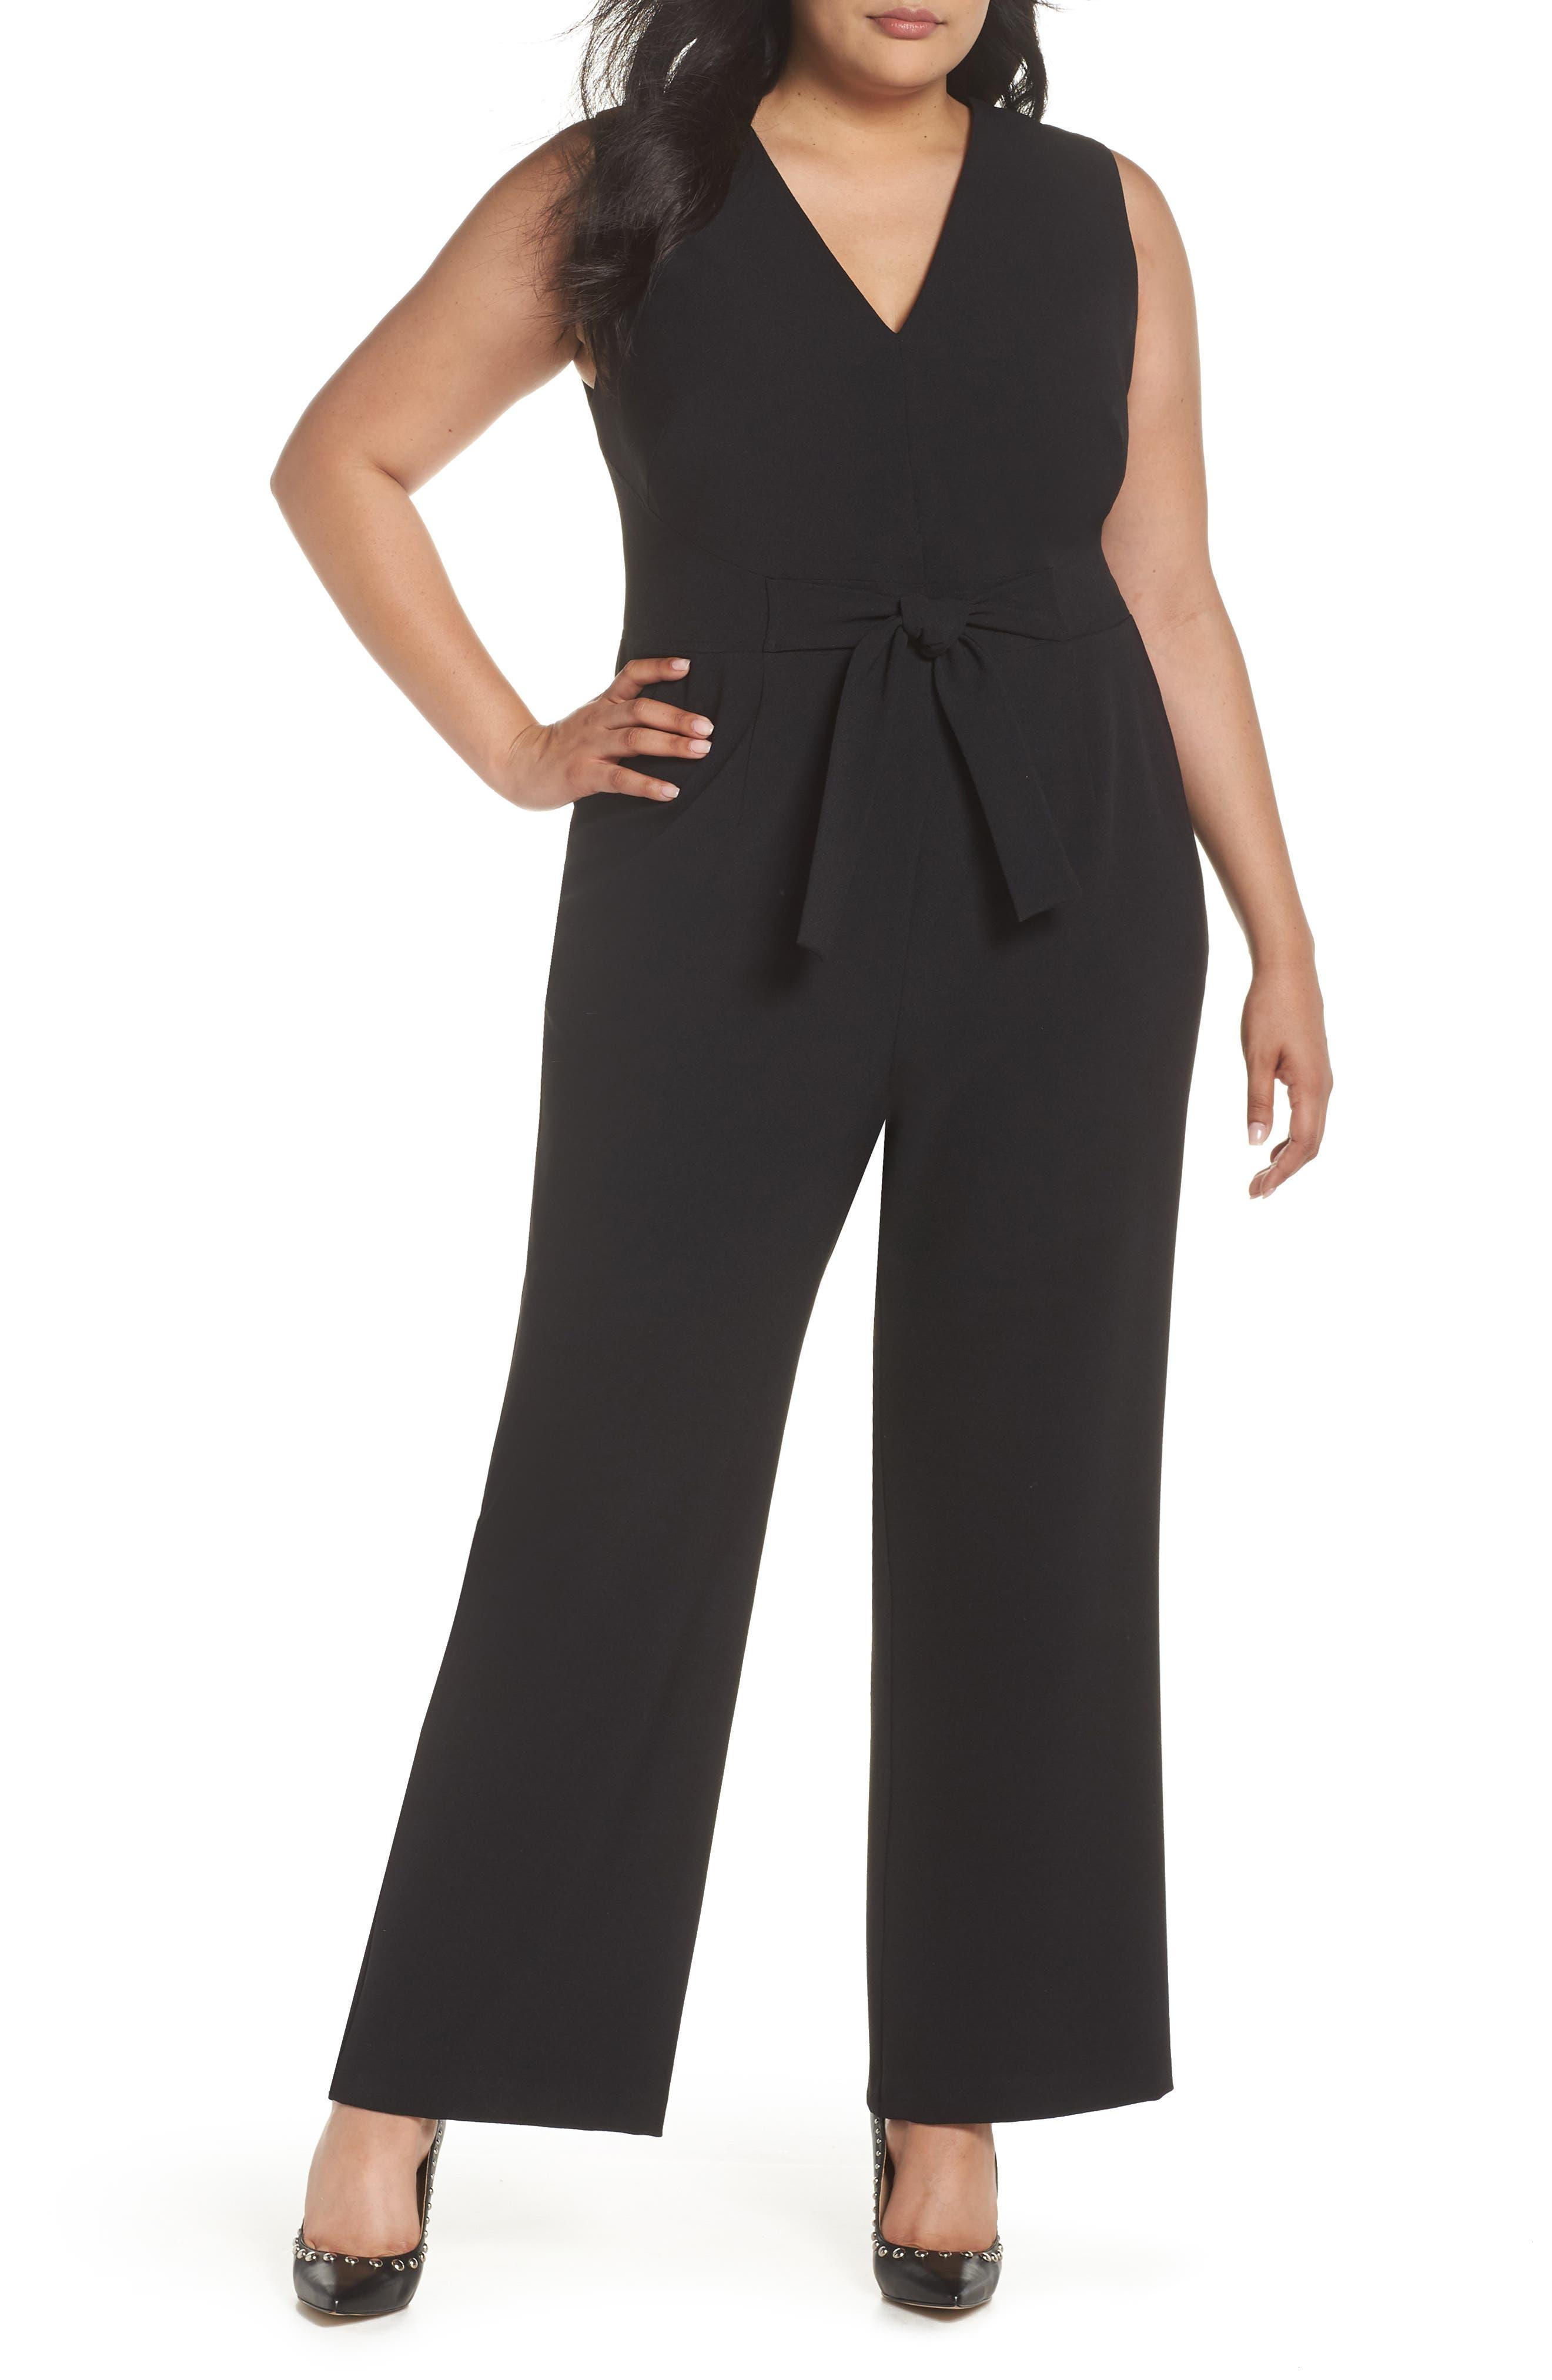 VINCE CAMUTO, Crepe Tie Front Wide Leg Jumpsuit, Main thumbnail 1, color, BLACK